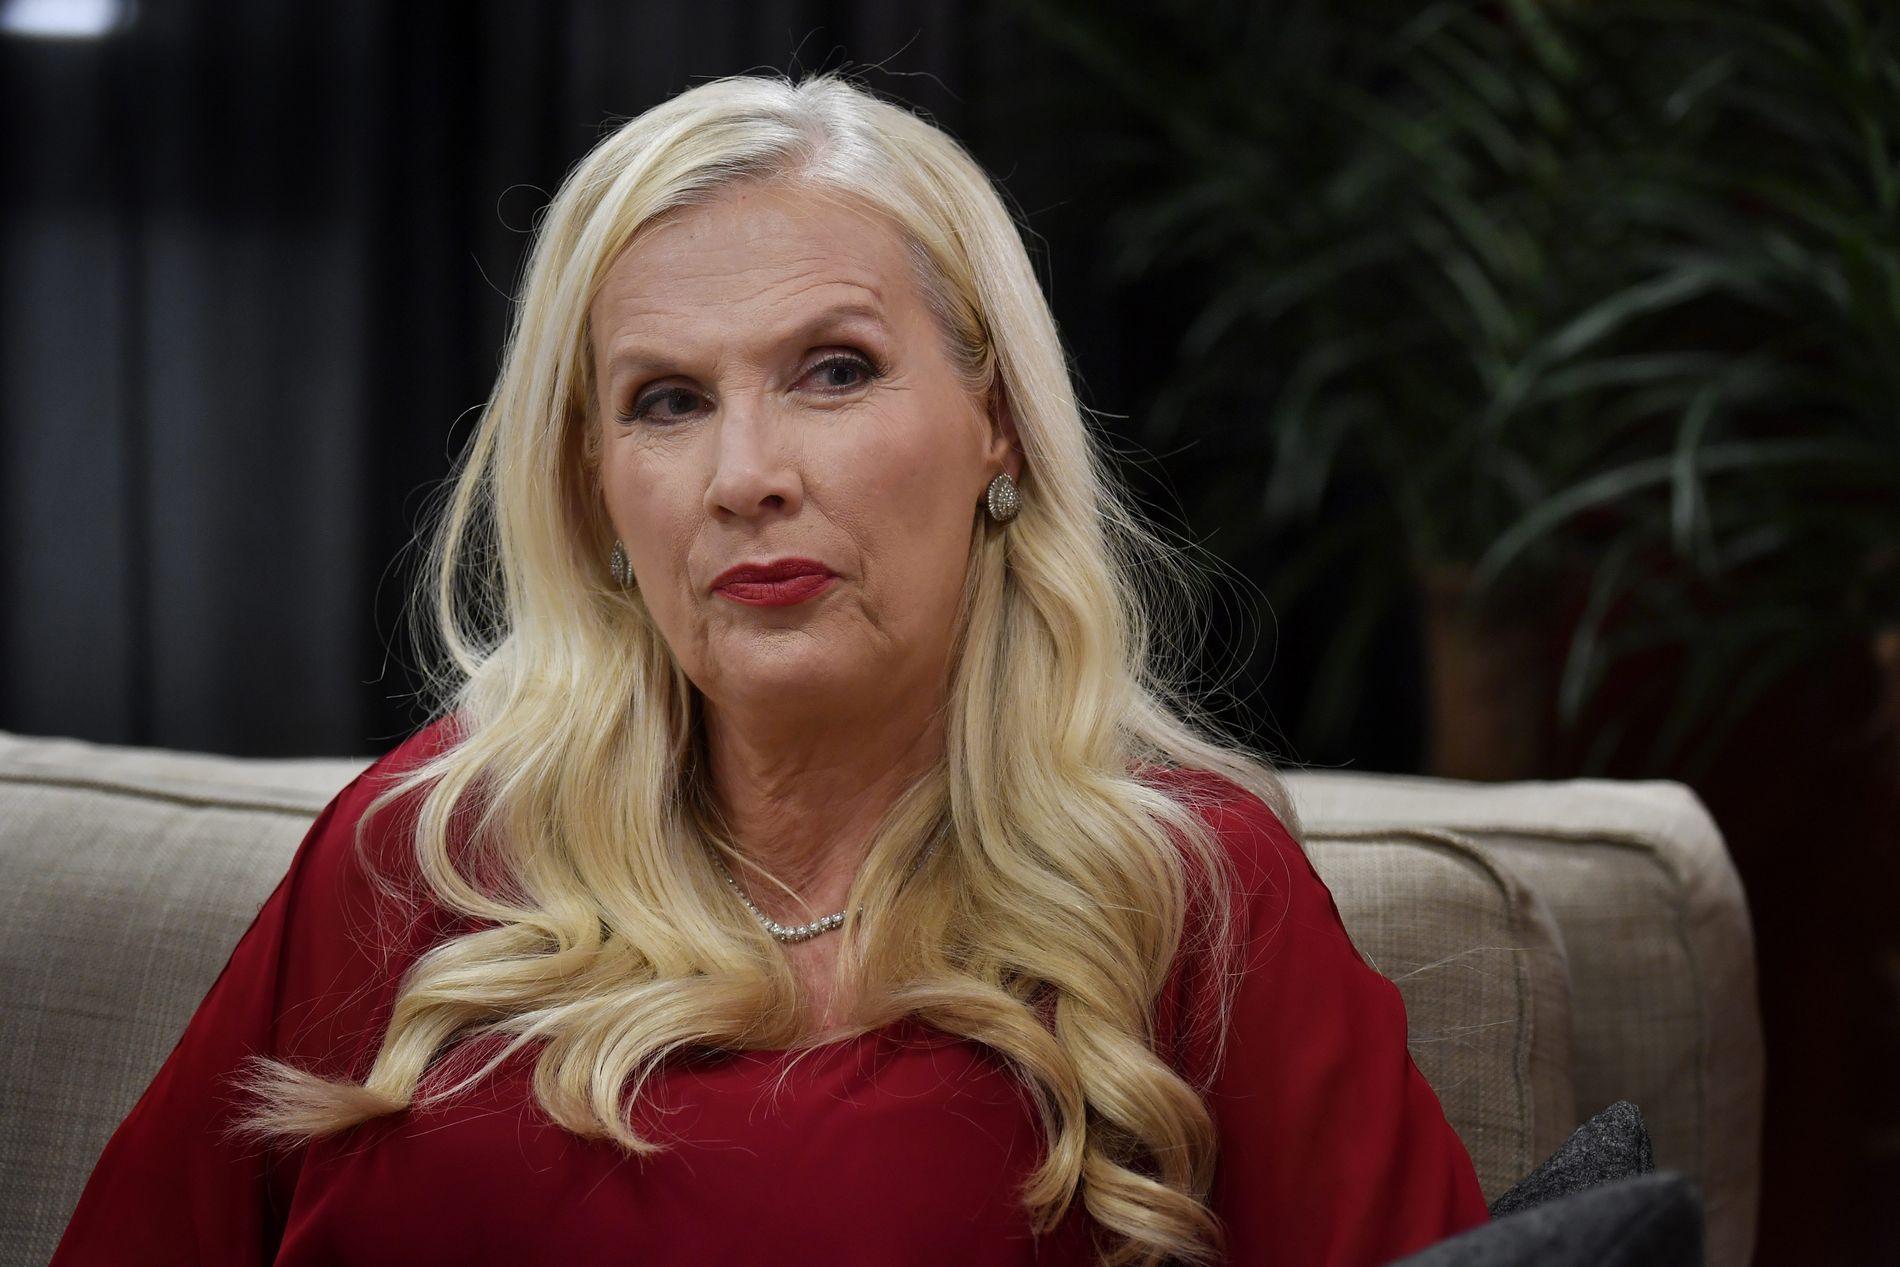 PROVOSERT: Gunilla Persson føler seg jaget av svensk presse. Her under et TV-intervju nylig.